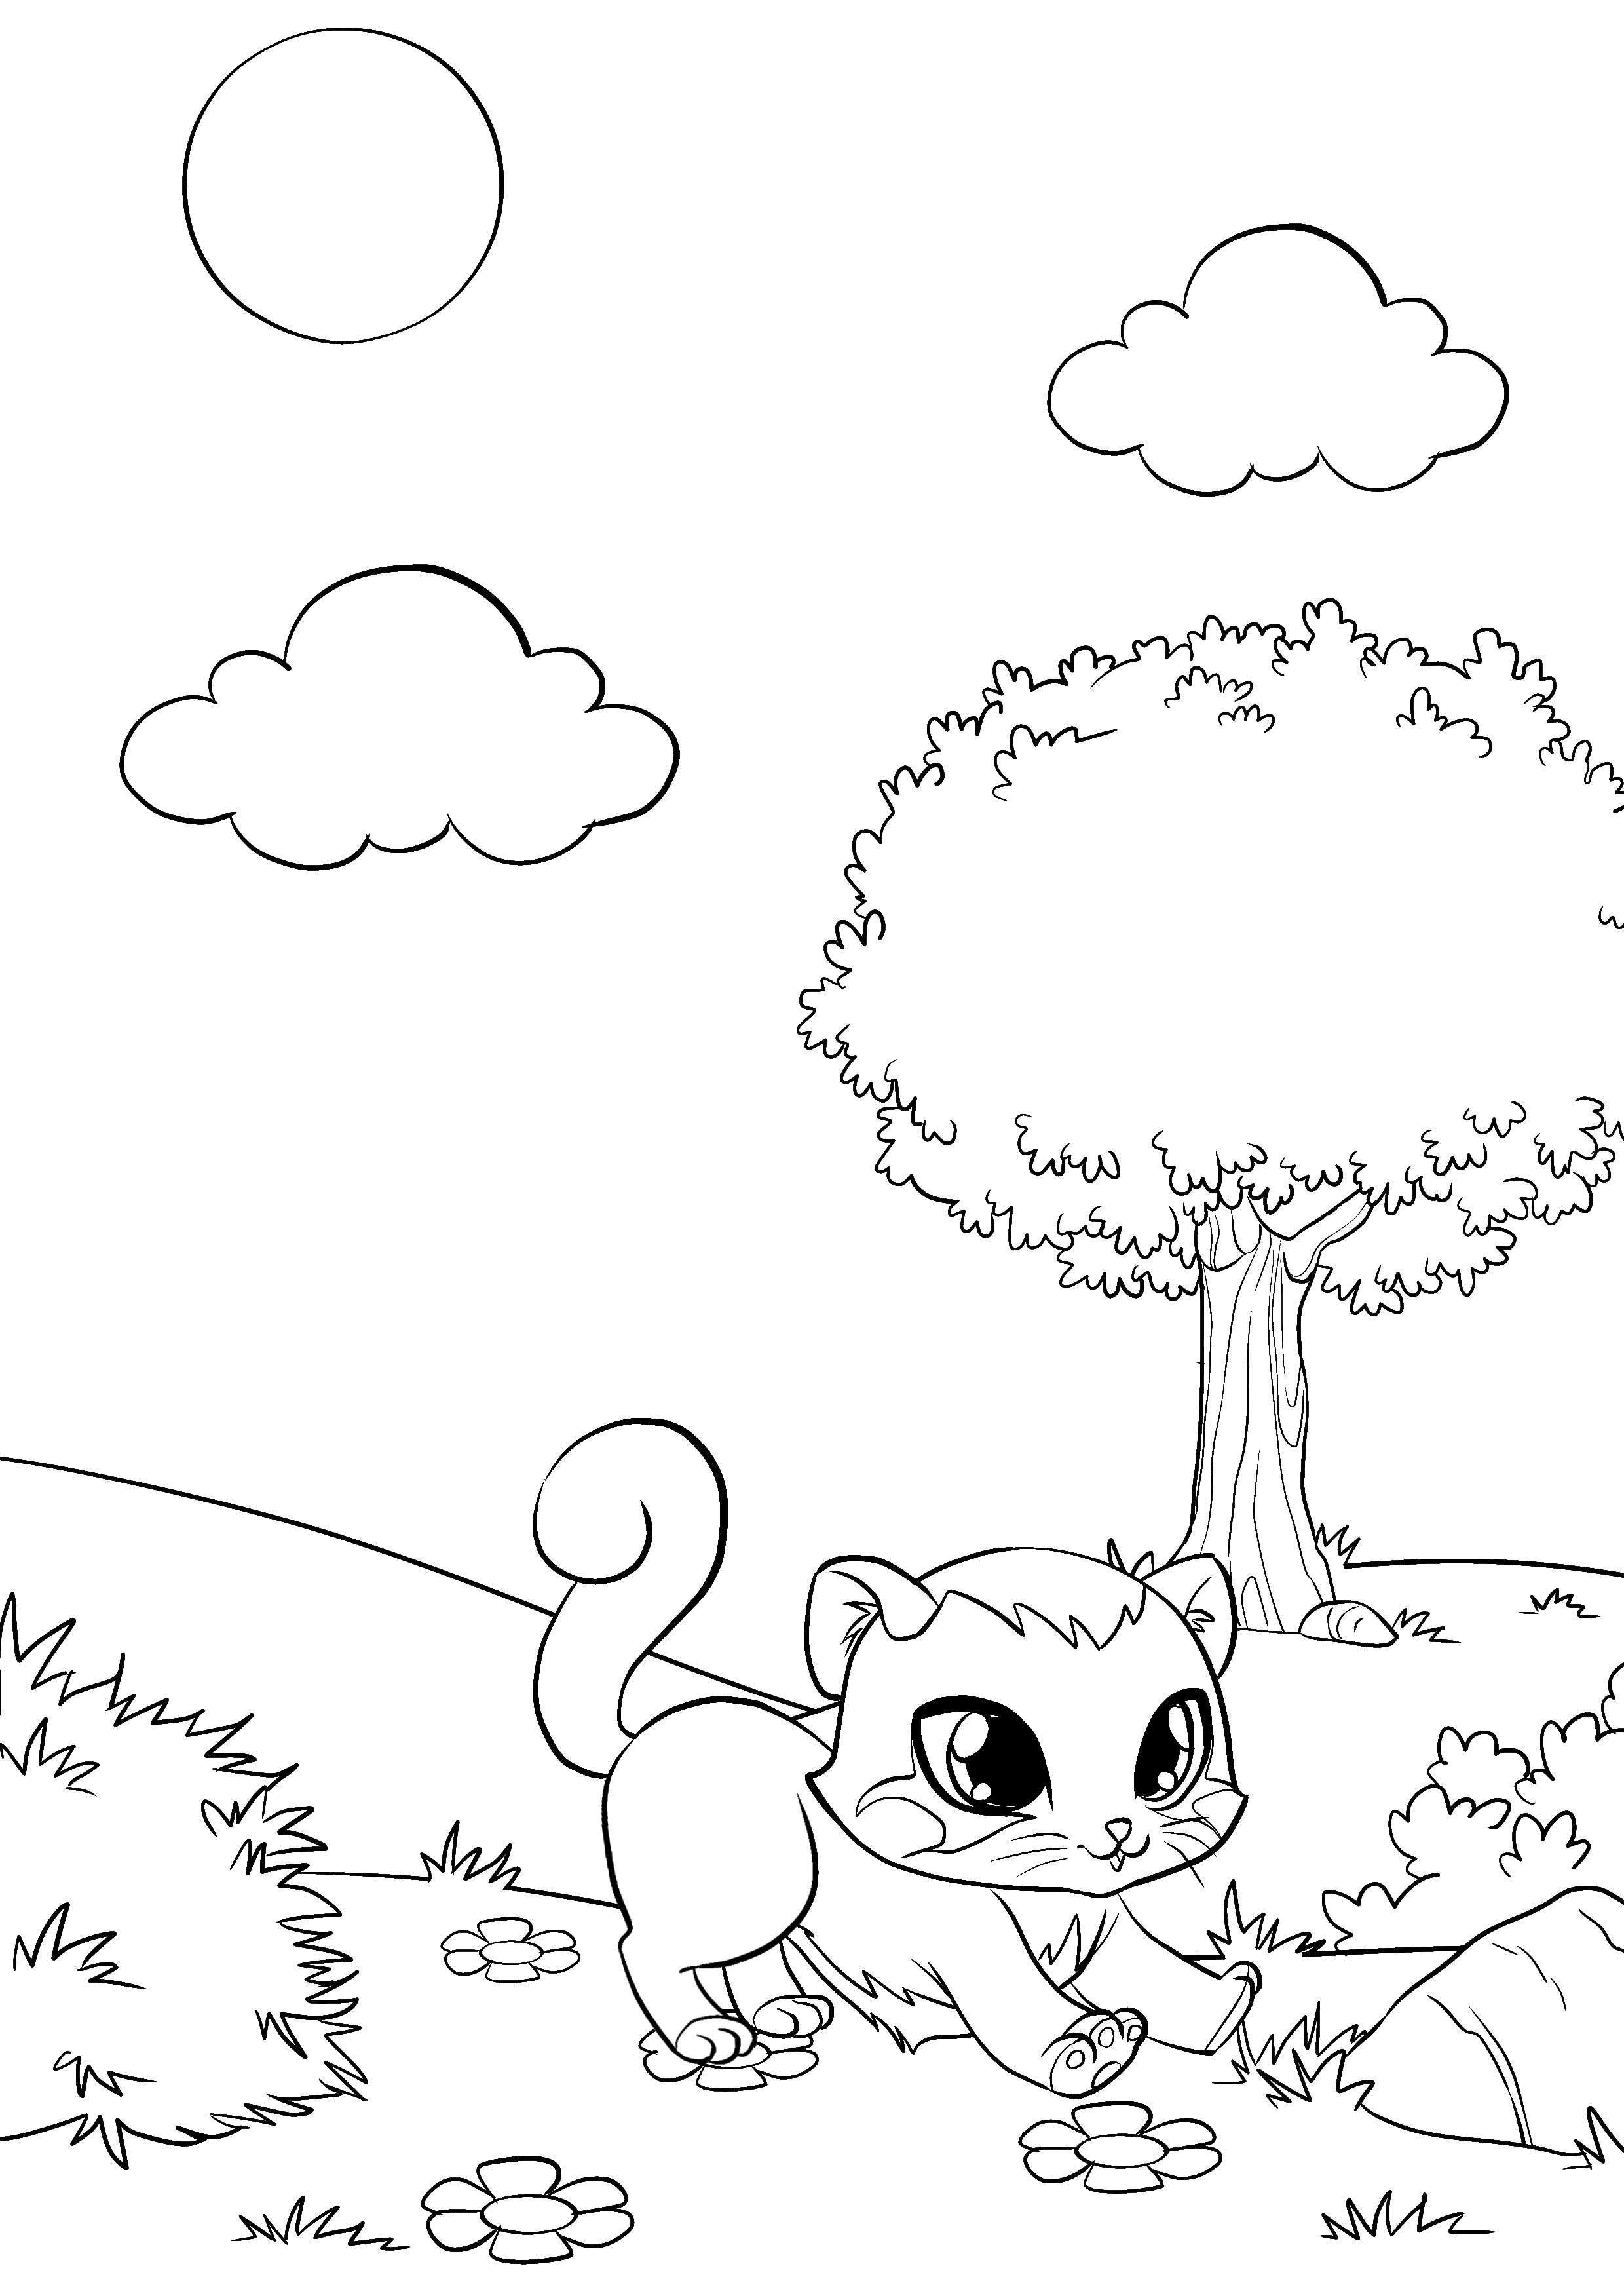 Раскраски с котятами и щенками распечатать бесплатно